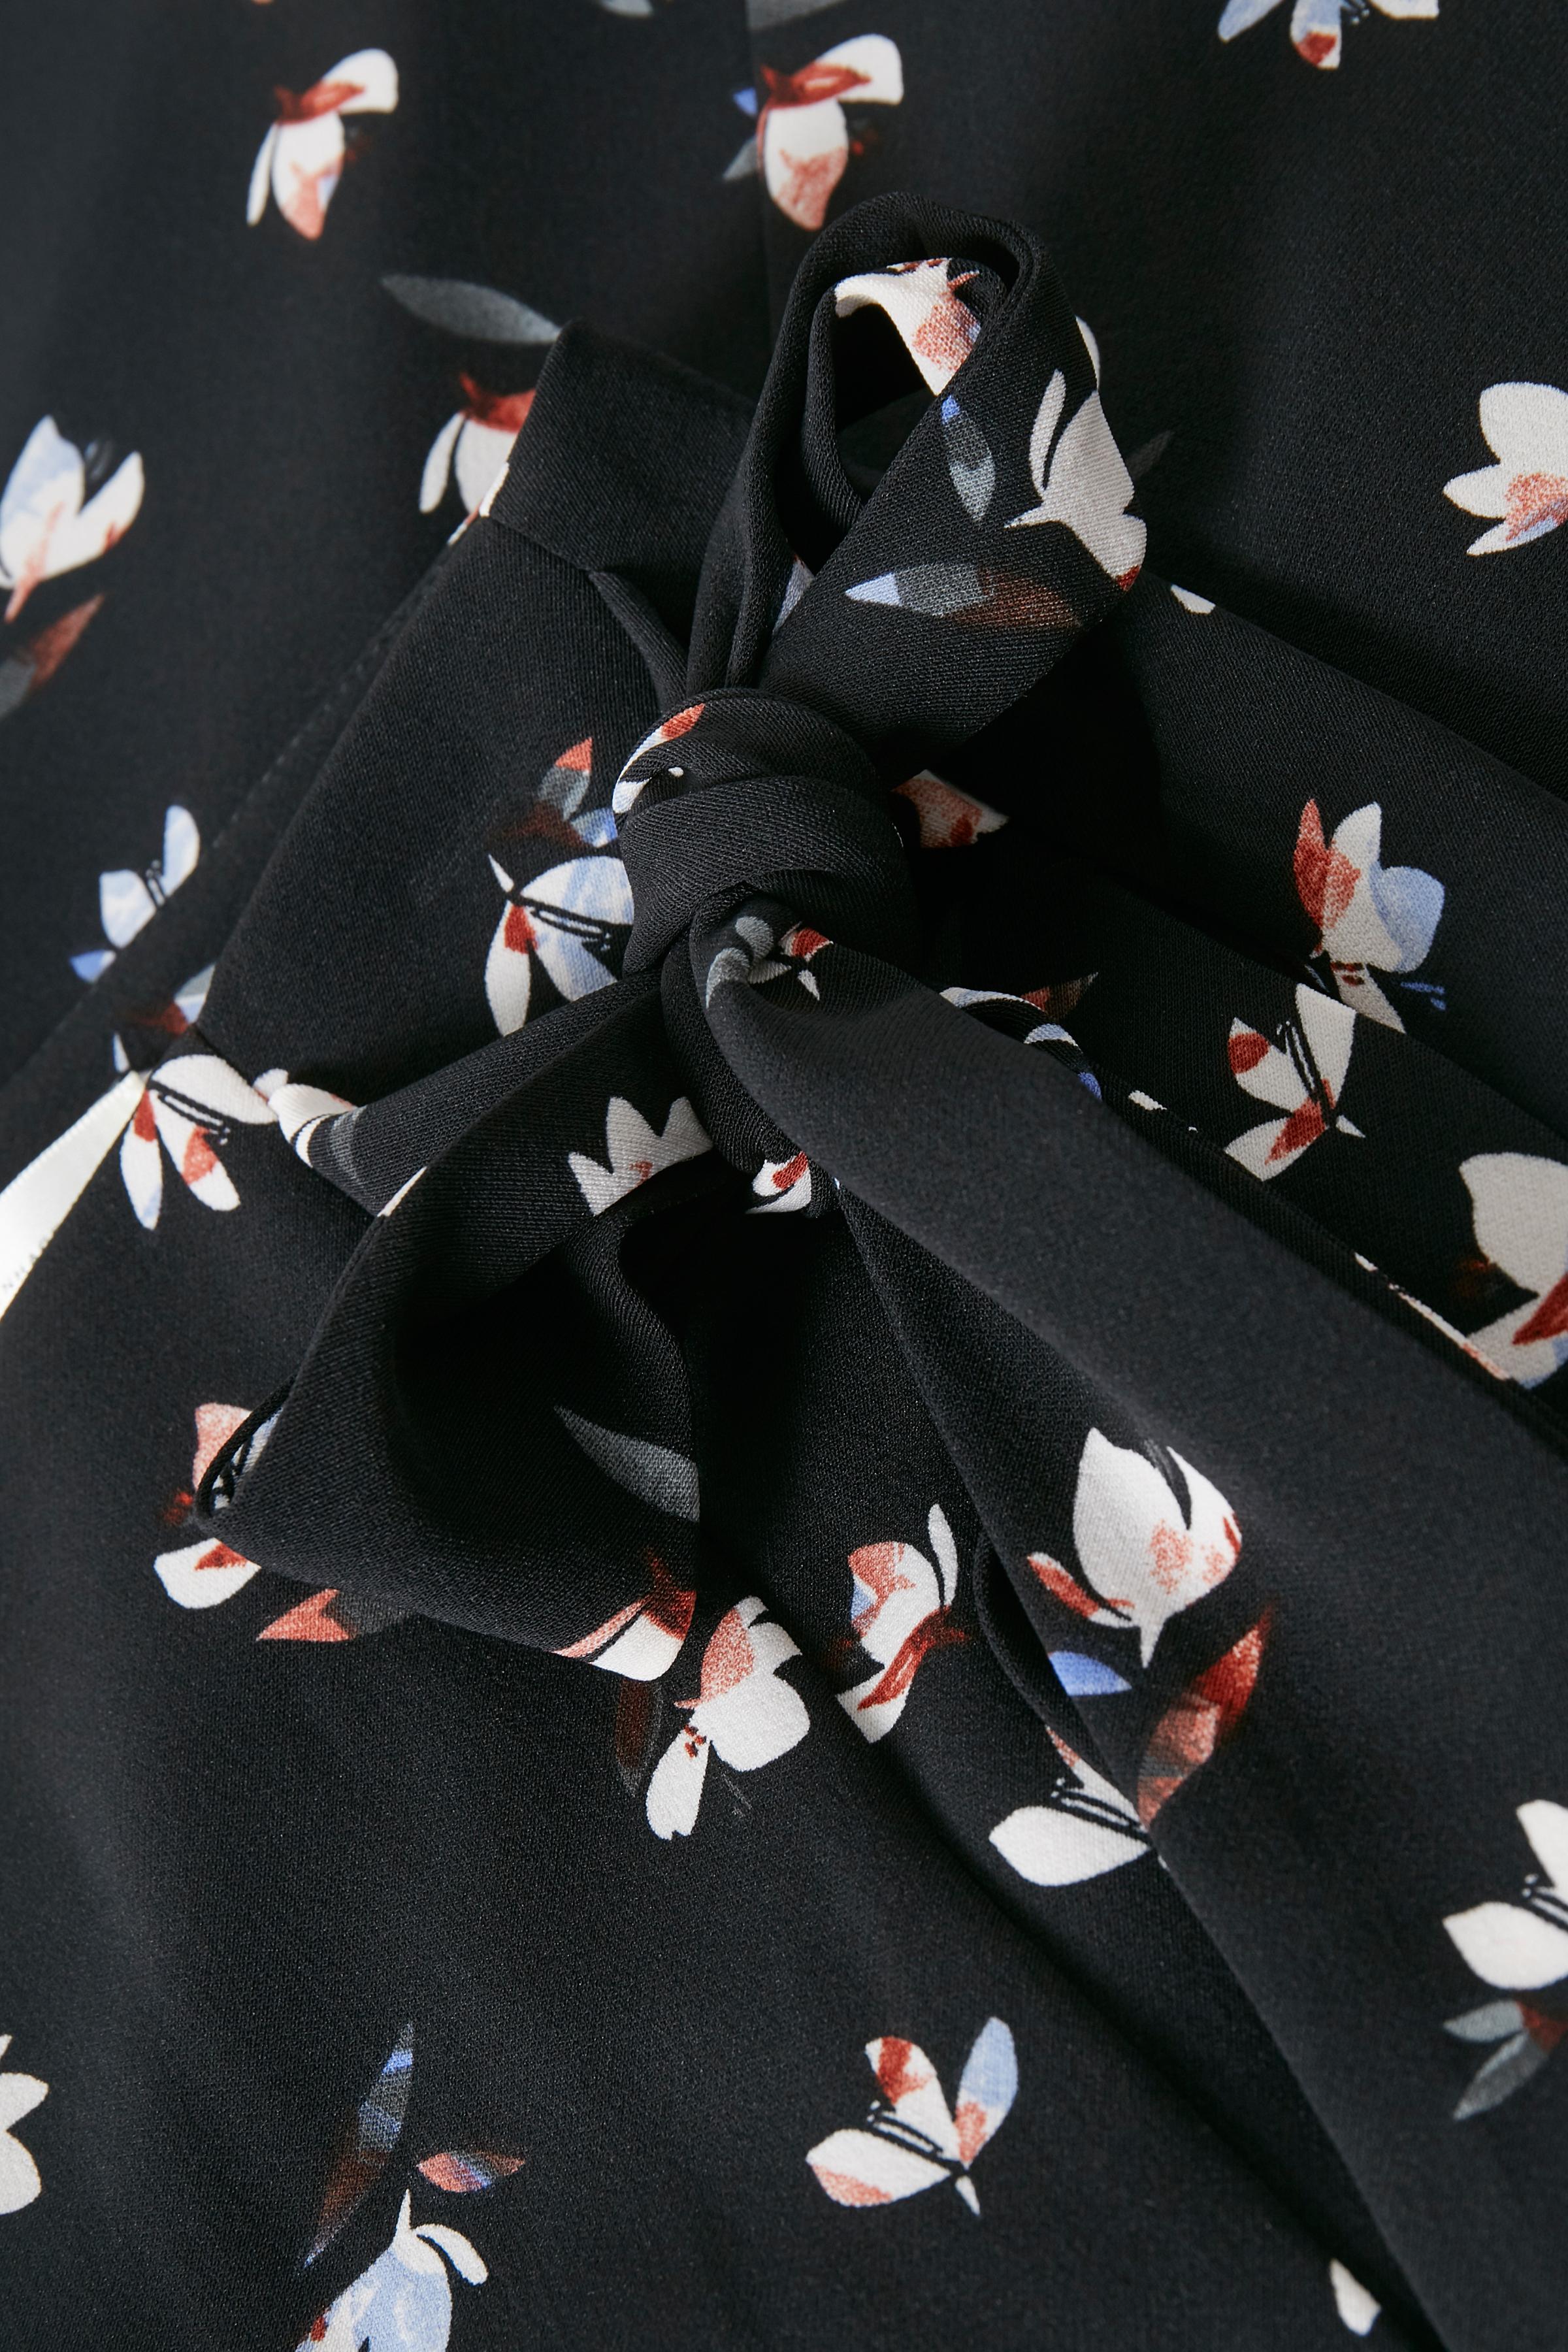 Black Windy Petals